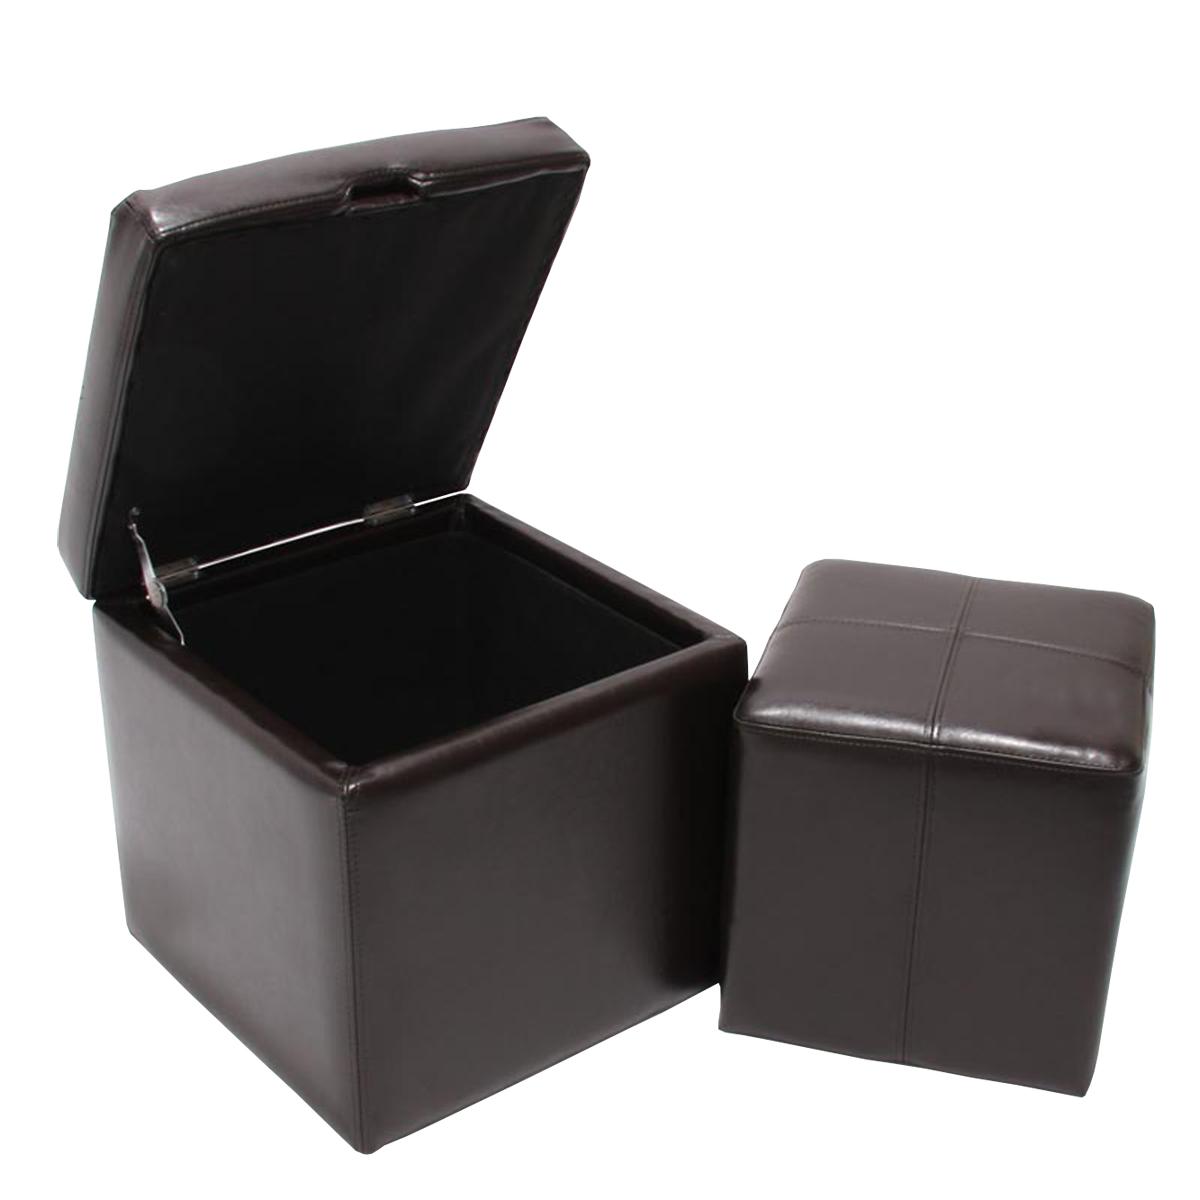 Taburete para guardarlas guardarlas para con tapa onex, cuero, negro marrón crema 5c86e3